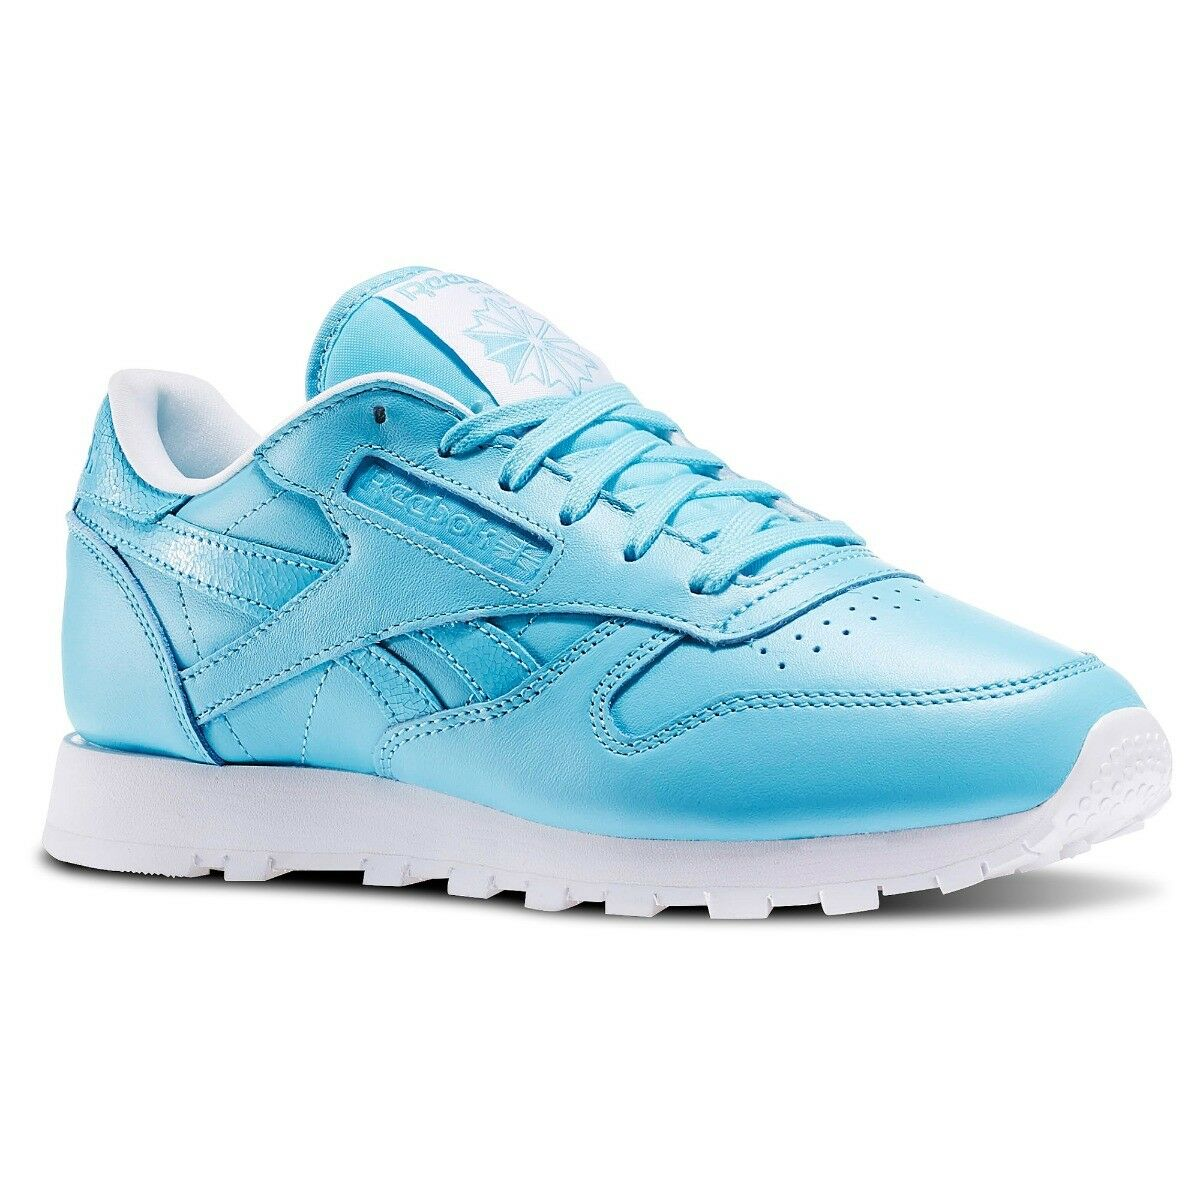 Reebok stile classico, Pelle women shoes shoes shoes da allenamento SIZE 4.5 blueES 3fa90d